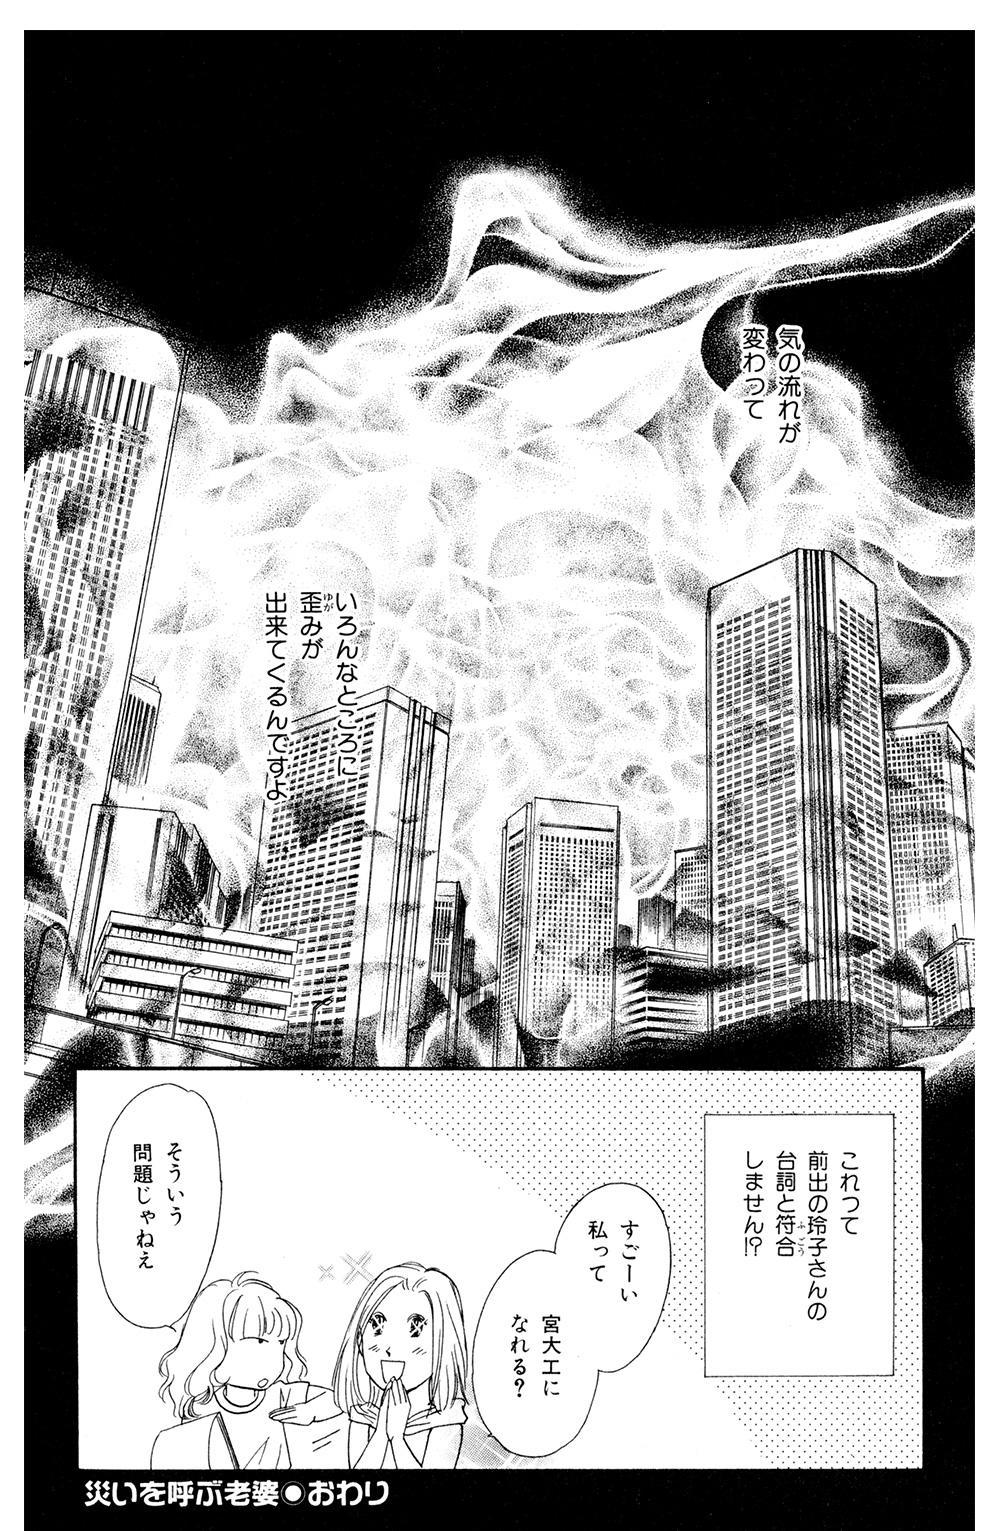 魔百合の恐怖報告 「災いを呼ぶ老婆」①rouba02-17.jpg